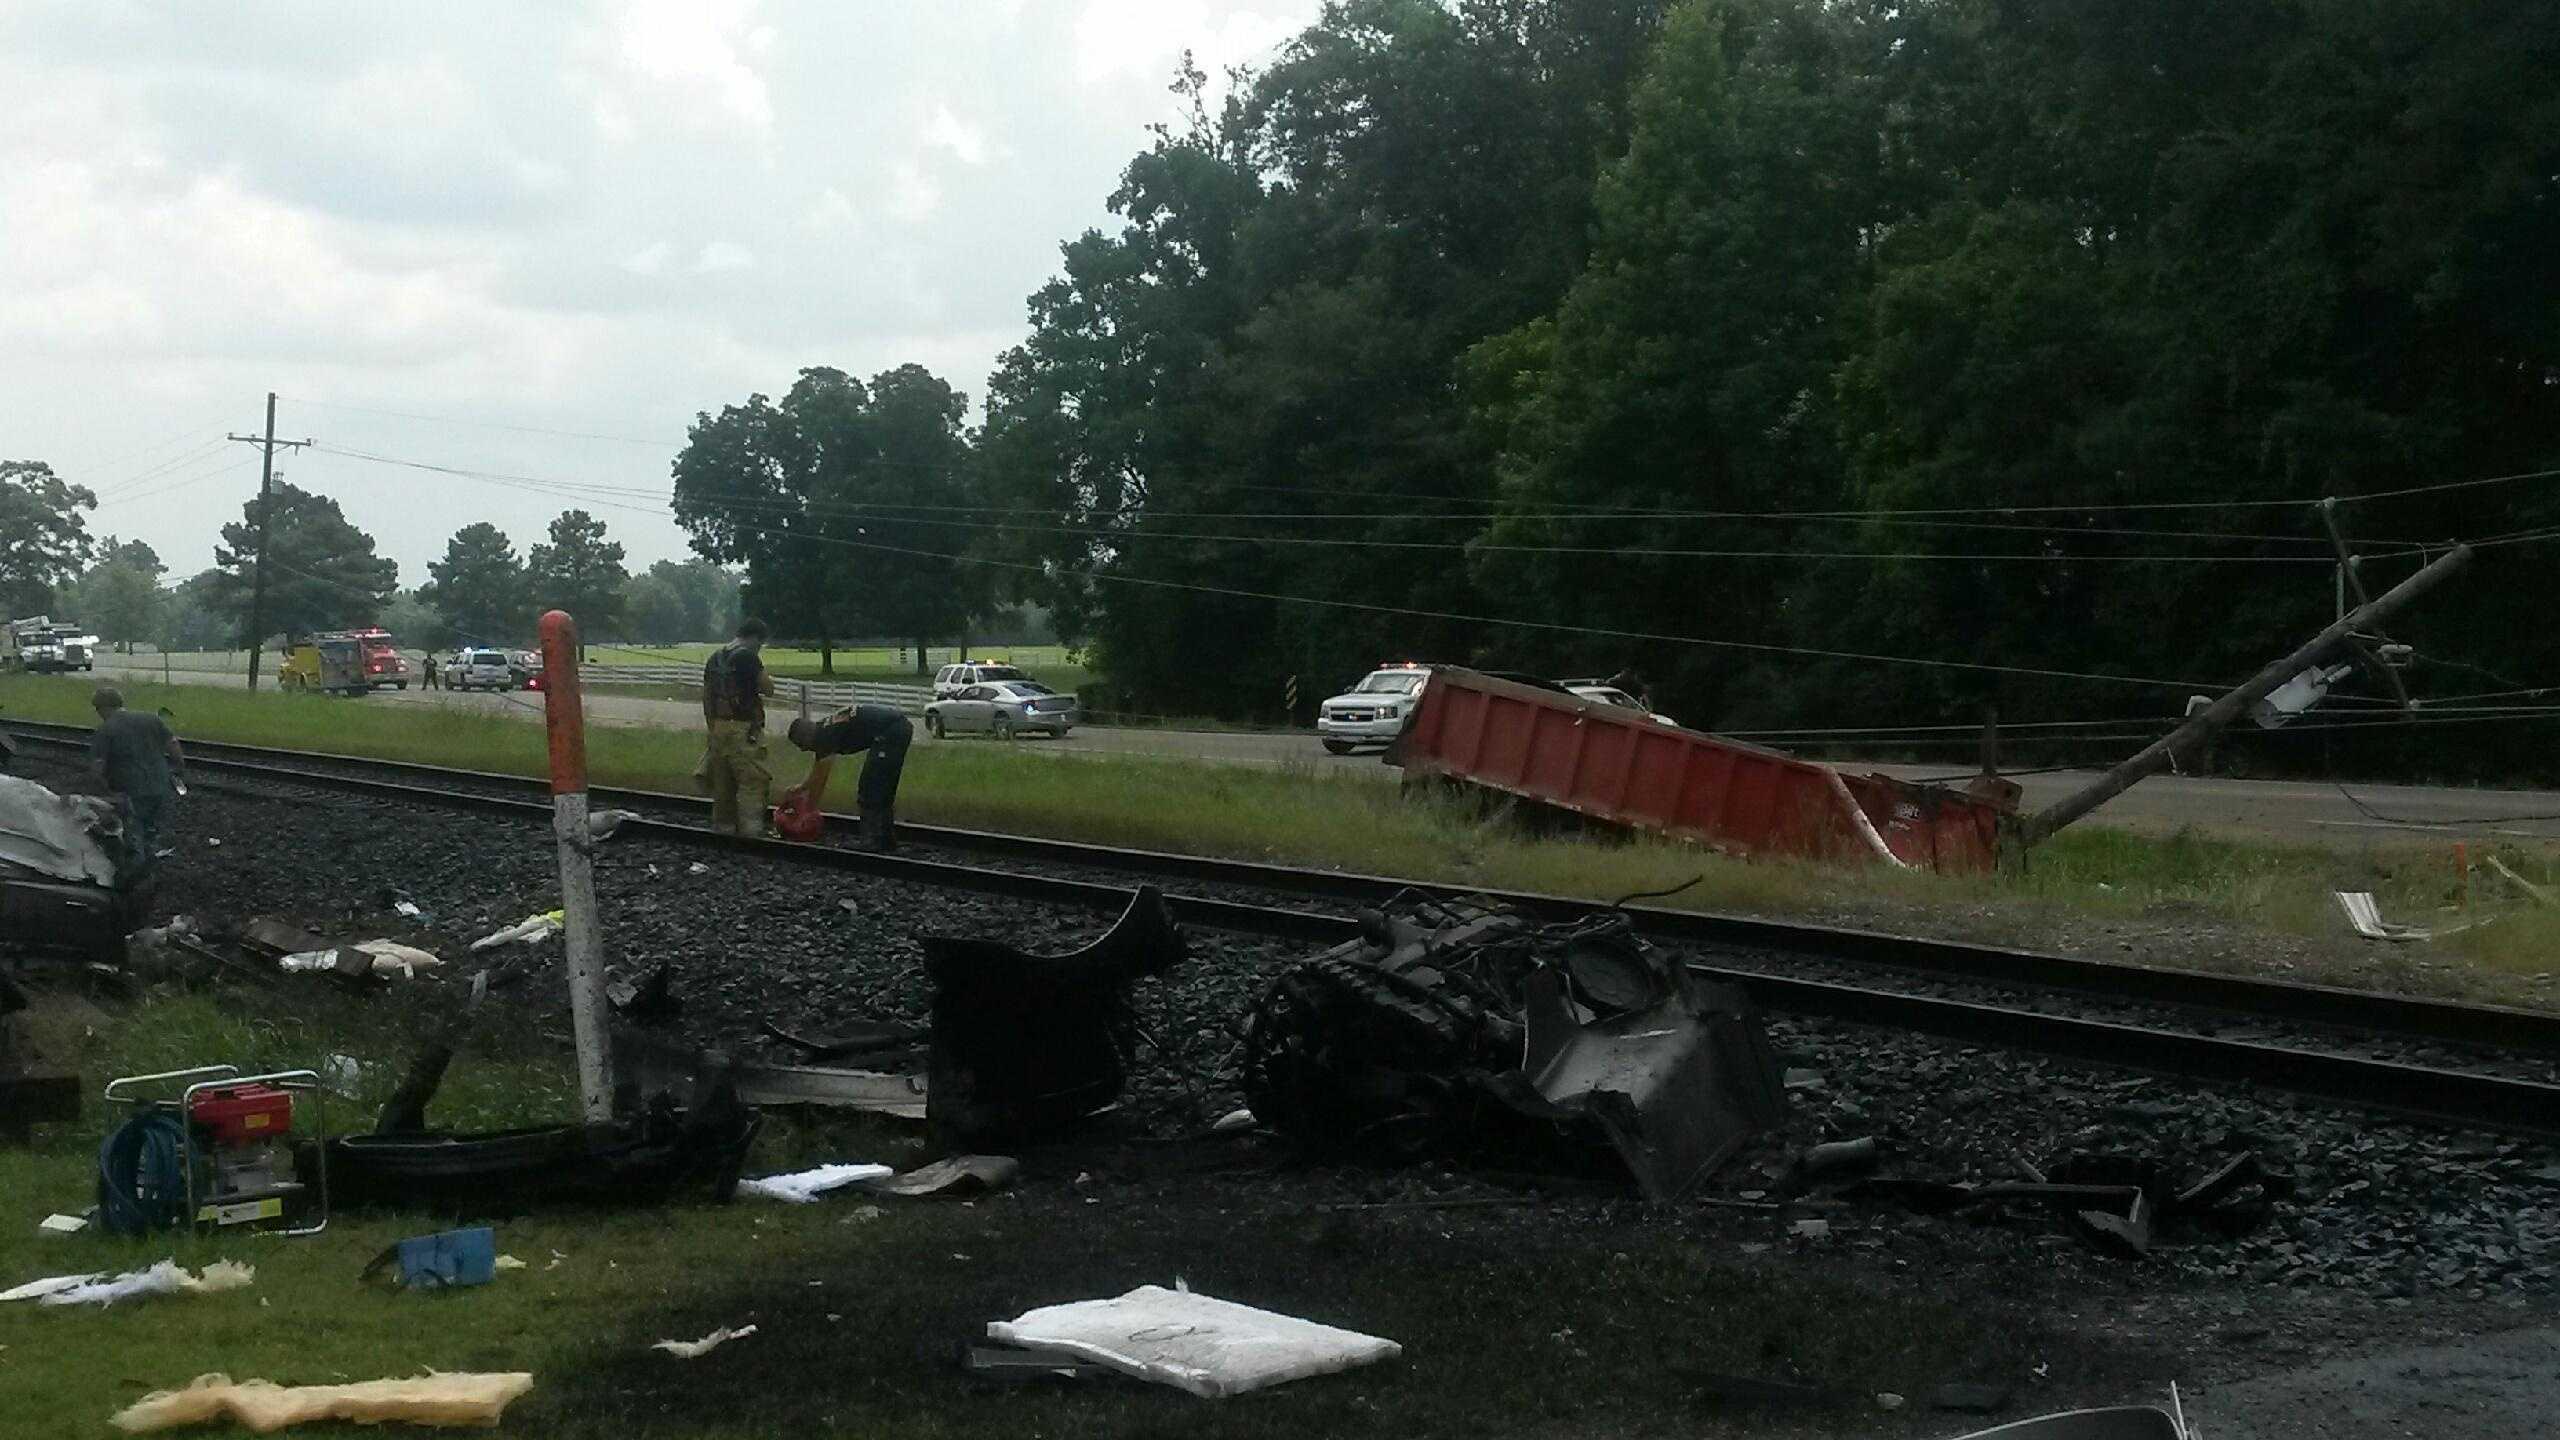 Amite train crash